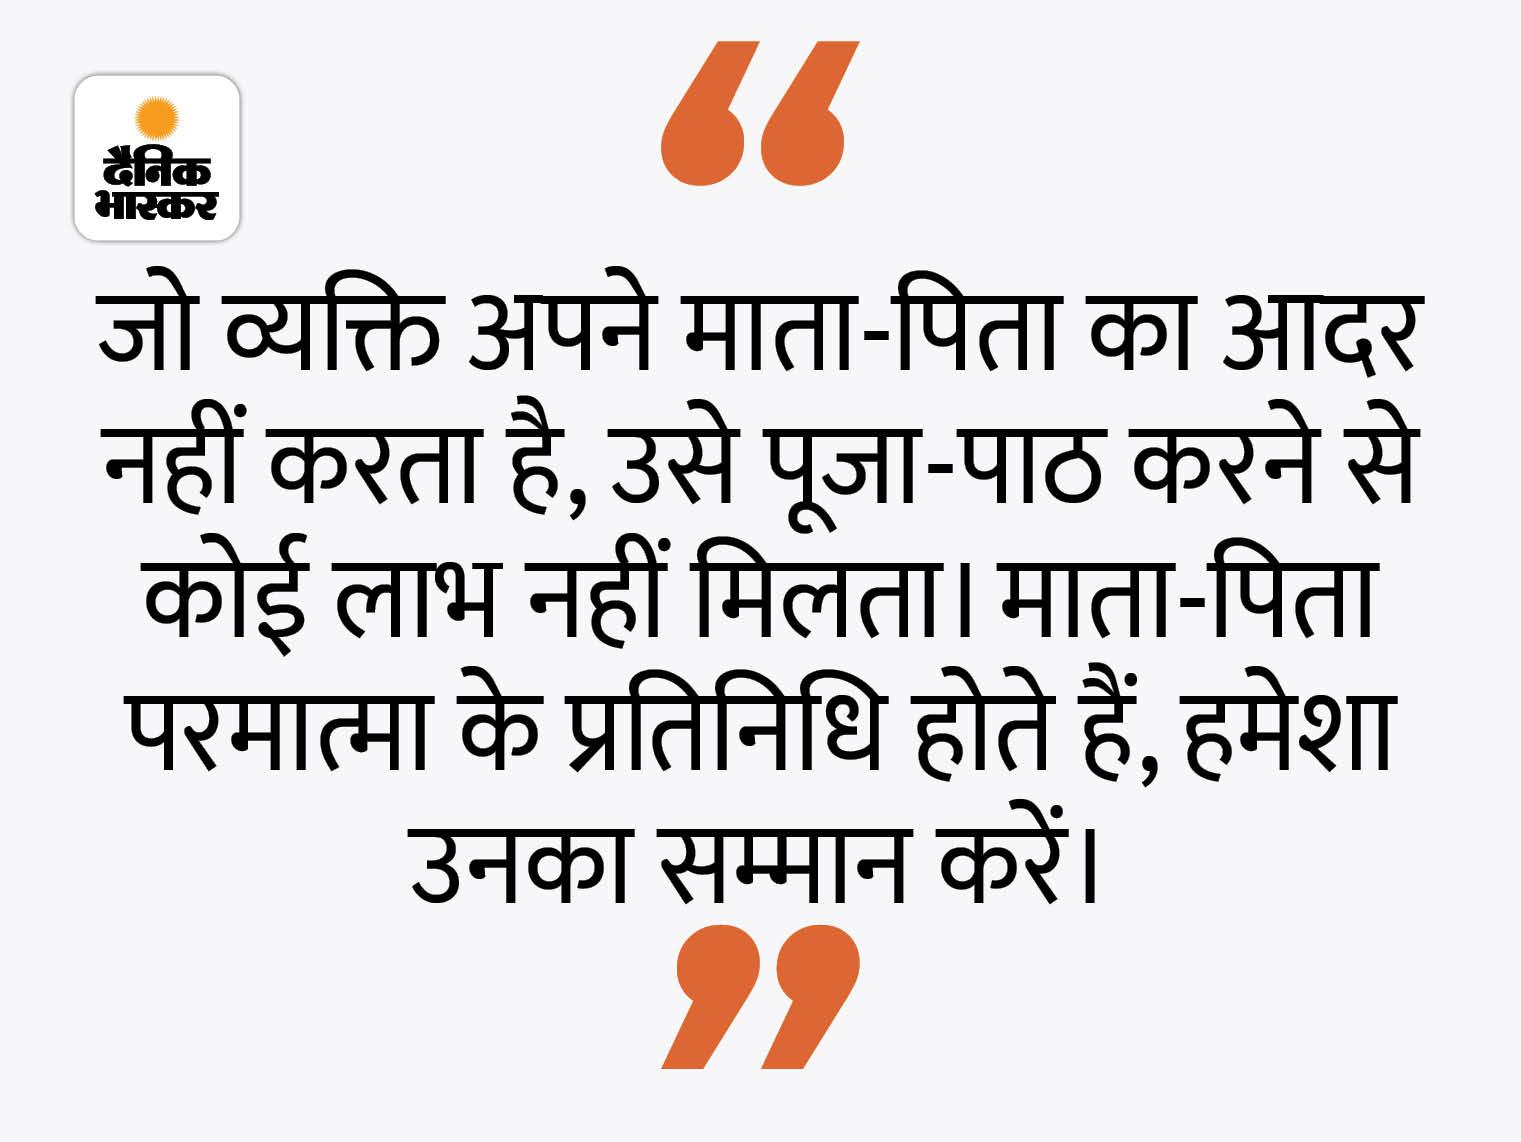 माता-पिता का सम्मान करने पर भगवान भी हर काम में मदद करते हैं|धर्म,Dharm - Dainik Bhaskar